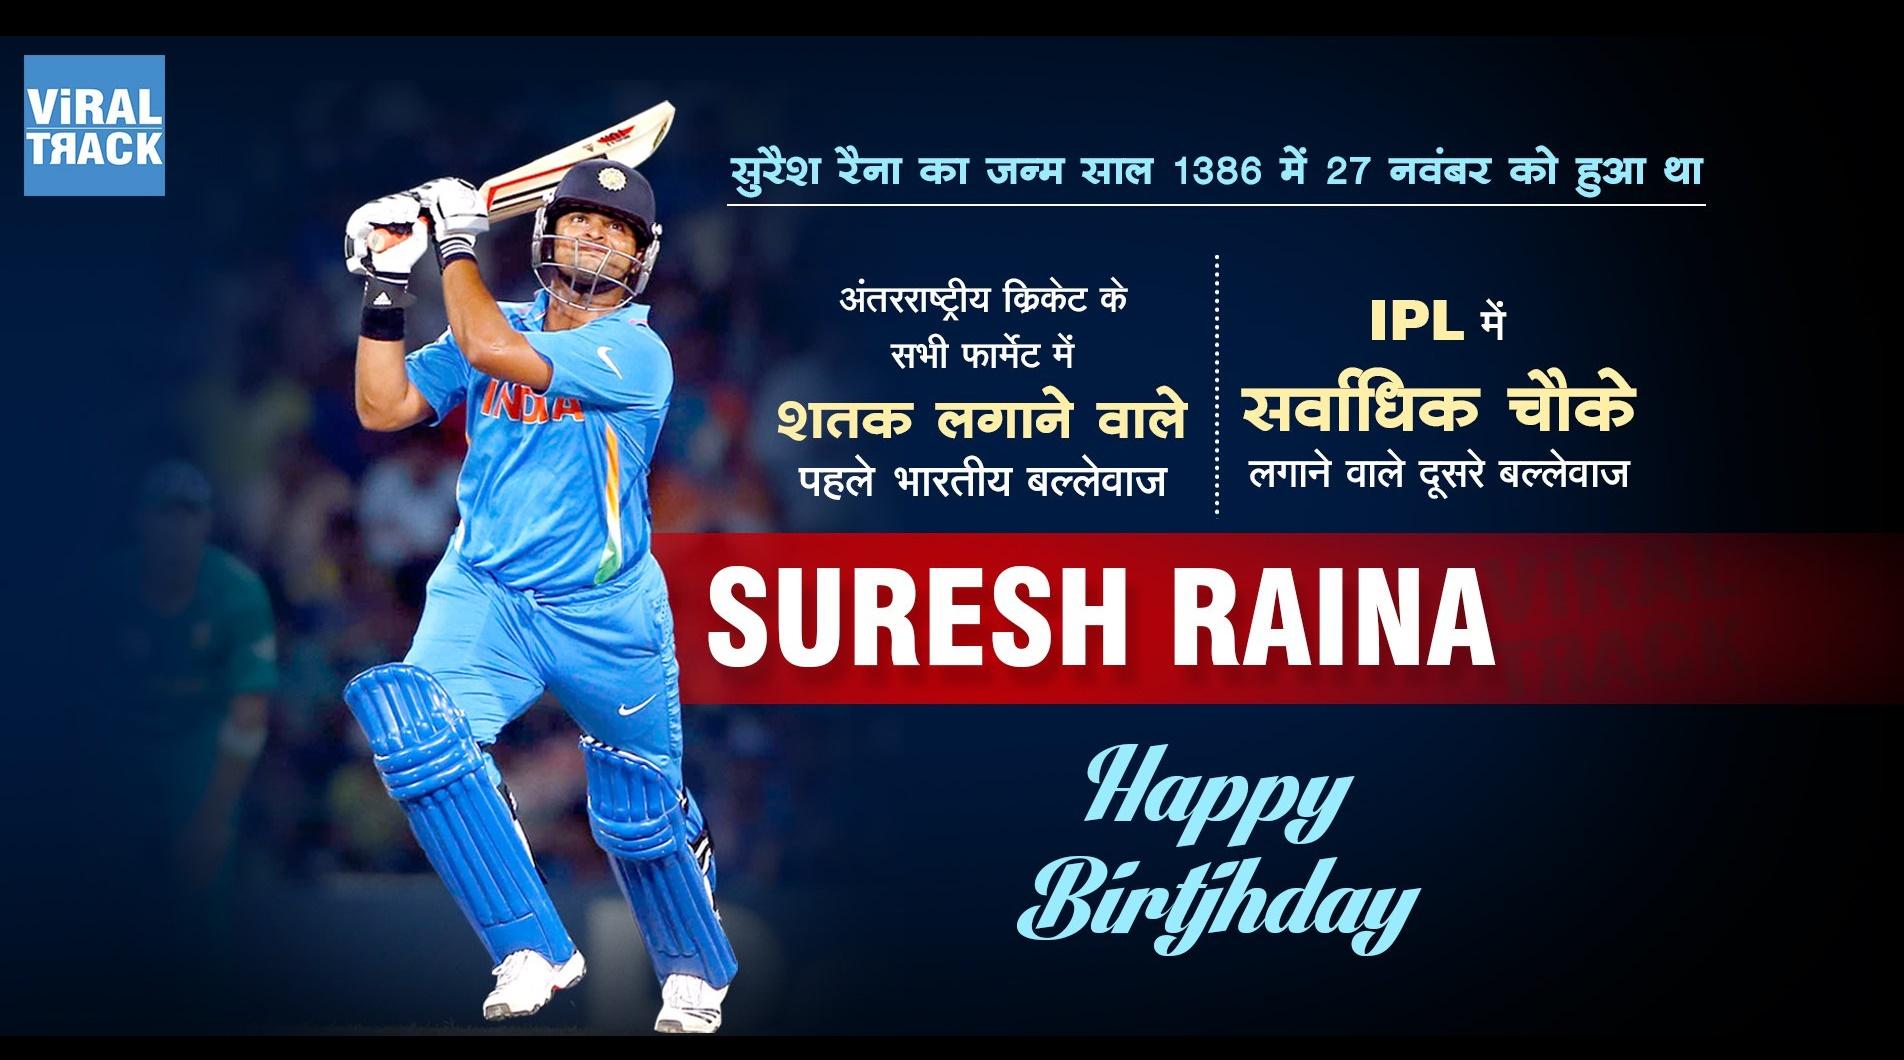 Suresh Raina's 29th birthday